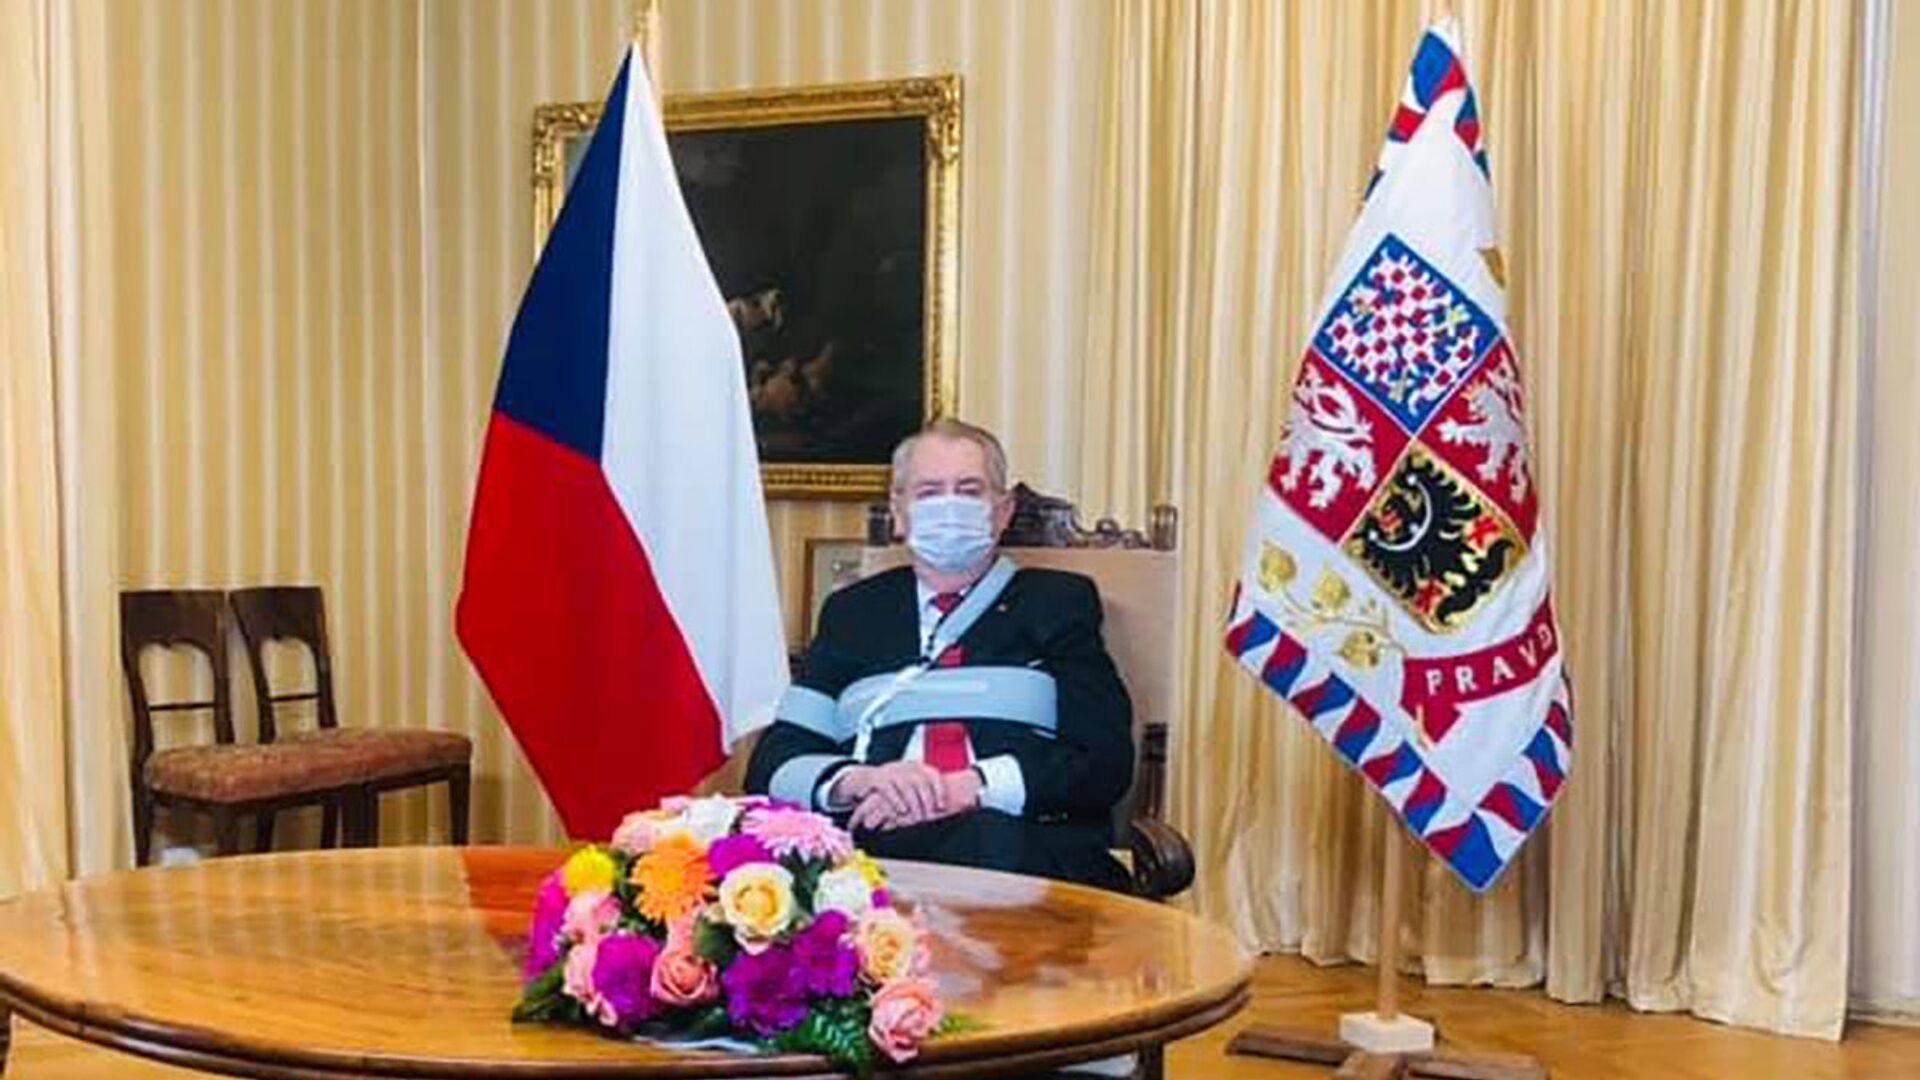 Český prezident Miloš Zeman - Sputnik Česká republika, 1920, 28.06.2021